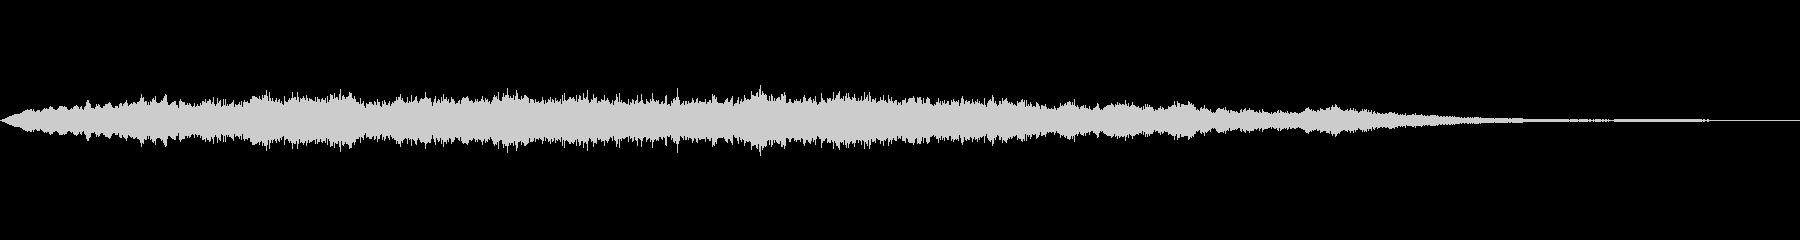 ブリッジ:メロディック・ファンファ...の未再生の波形